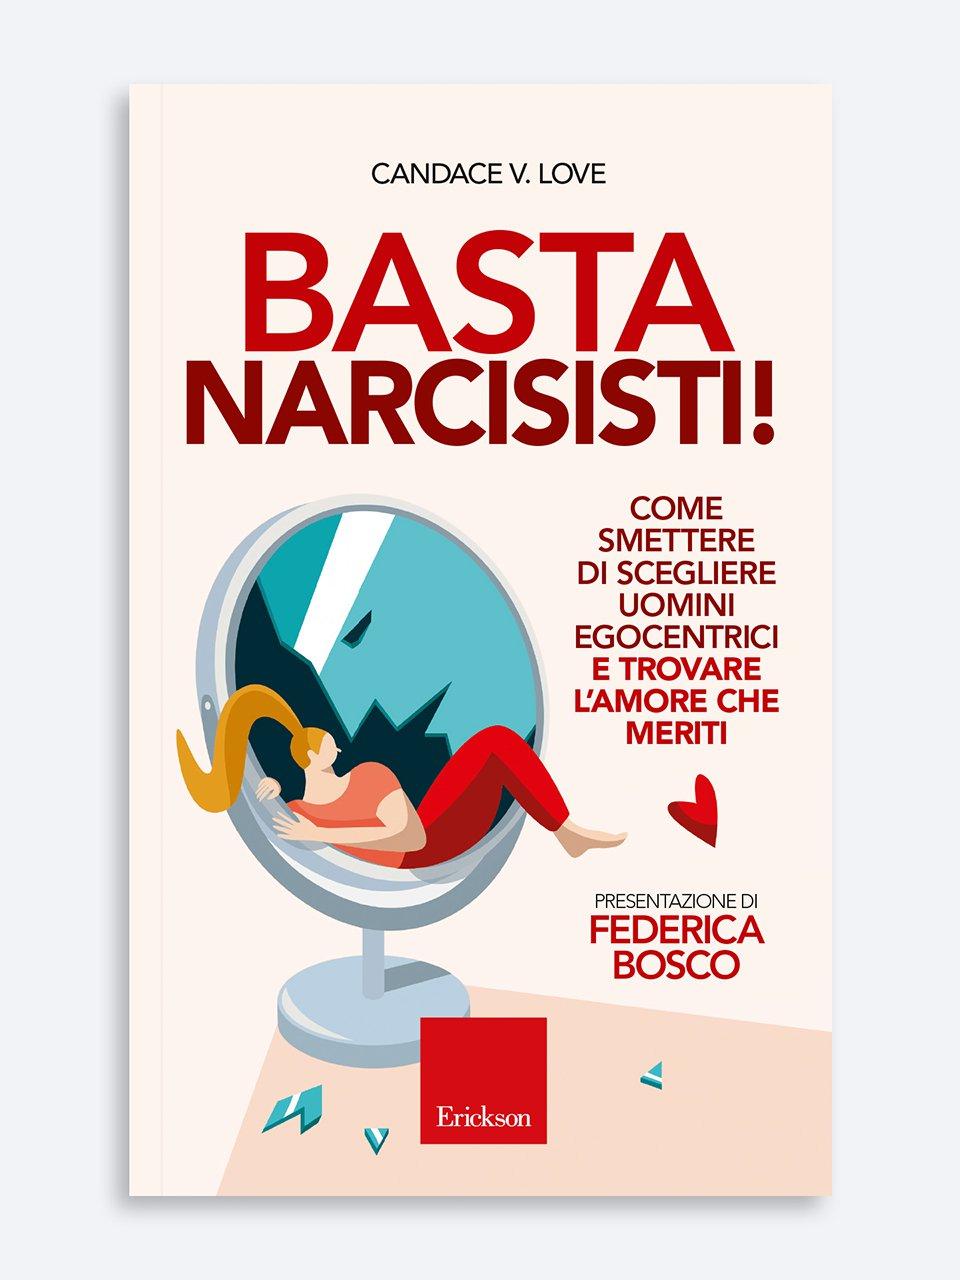 Basta narcisisti! - Quando il narcisismo è patologico - Erickson